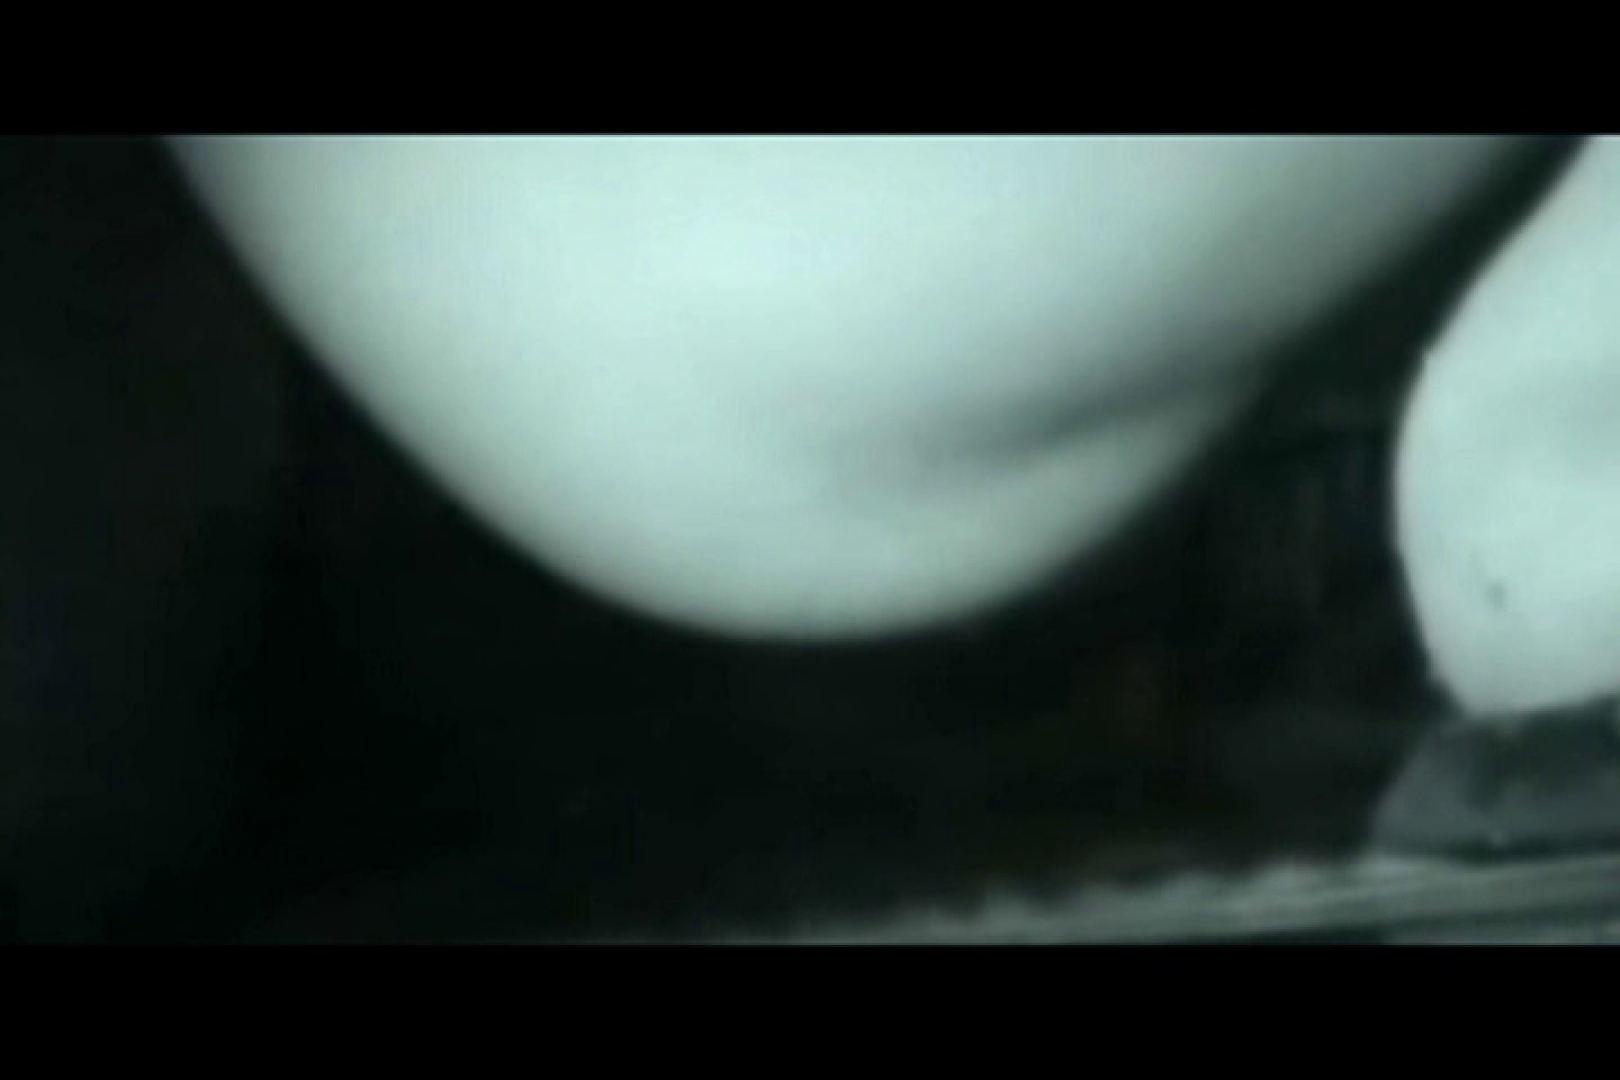 ぼっとん洗面所スペシャルVol.19 おまんこ娘 エロ画像 80連発 68